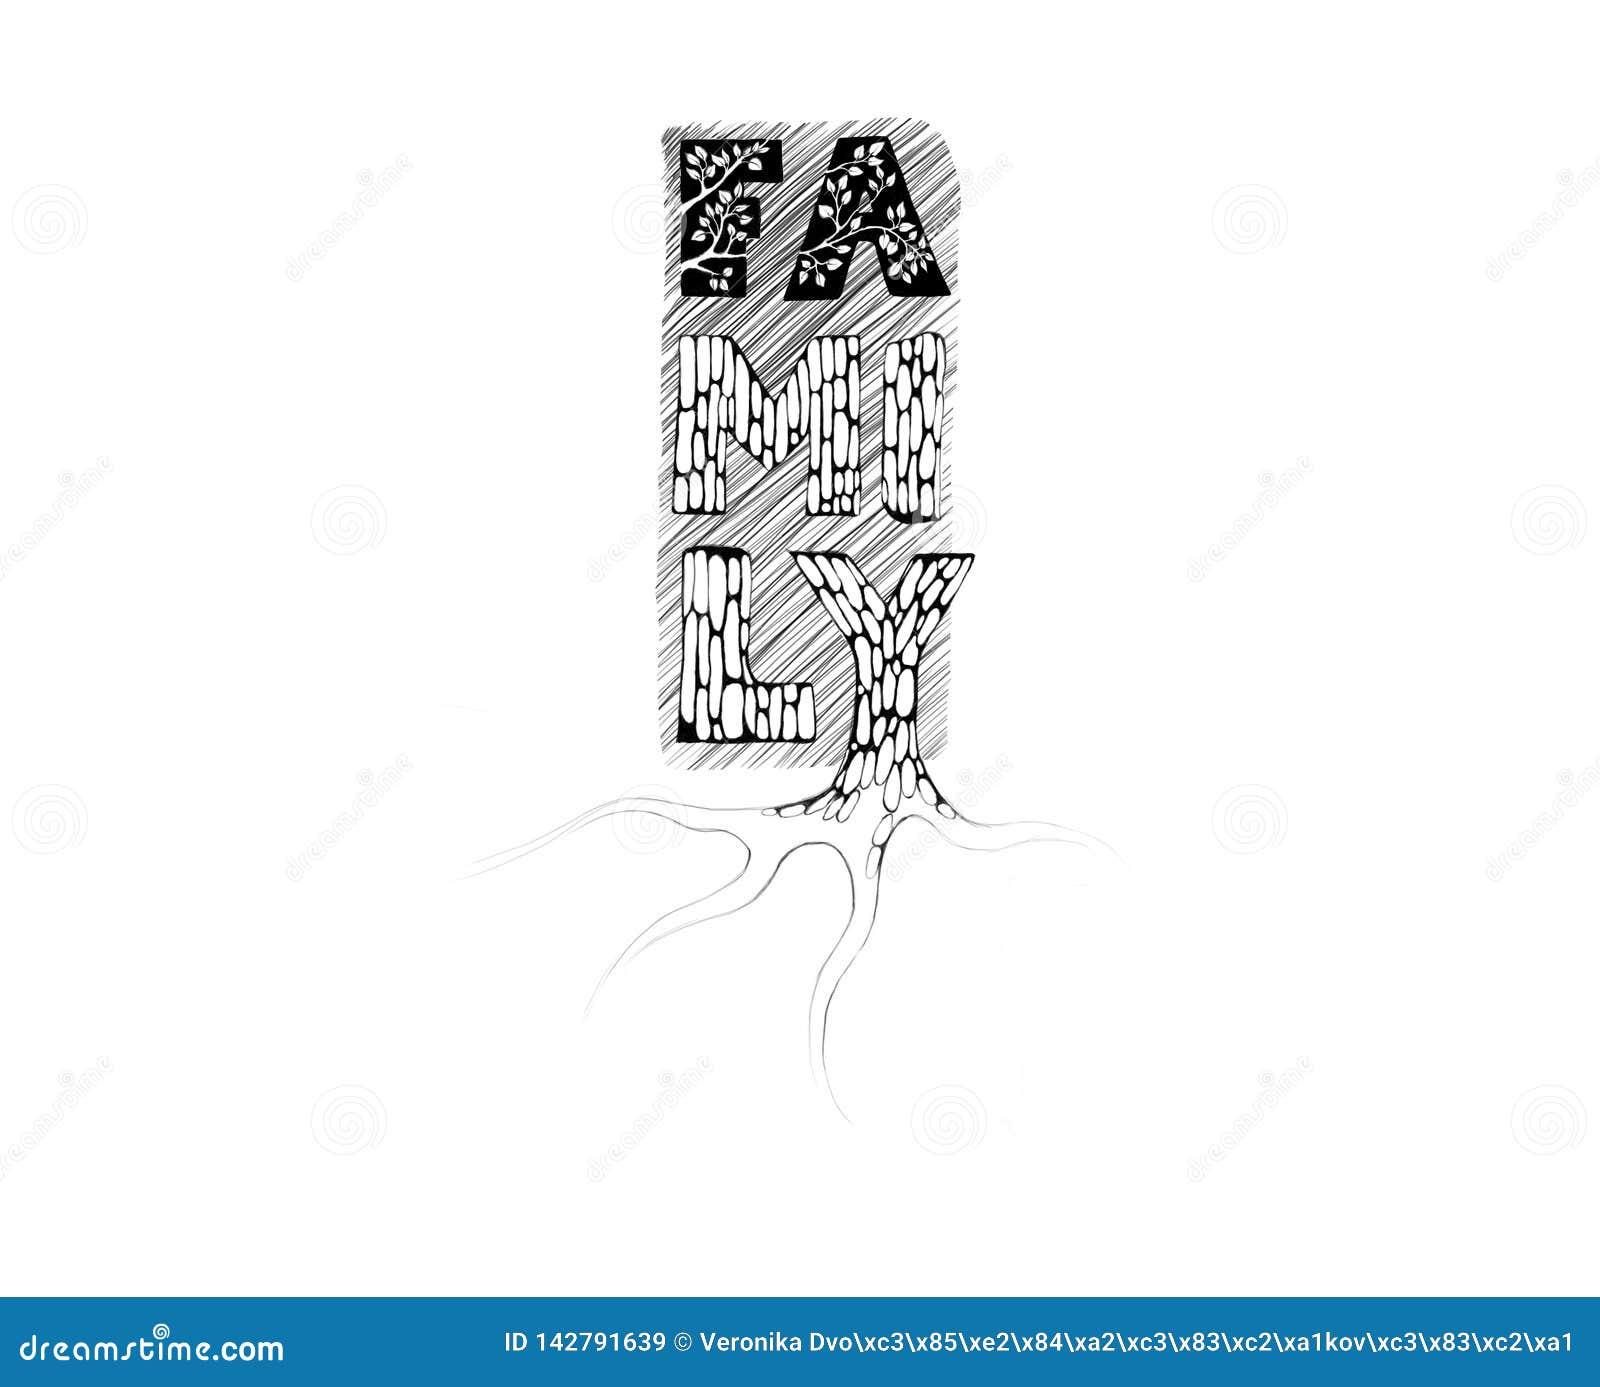 Иллюстрация искусства слова Семья текста стилизованная как дерево с корнями